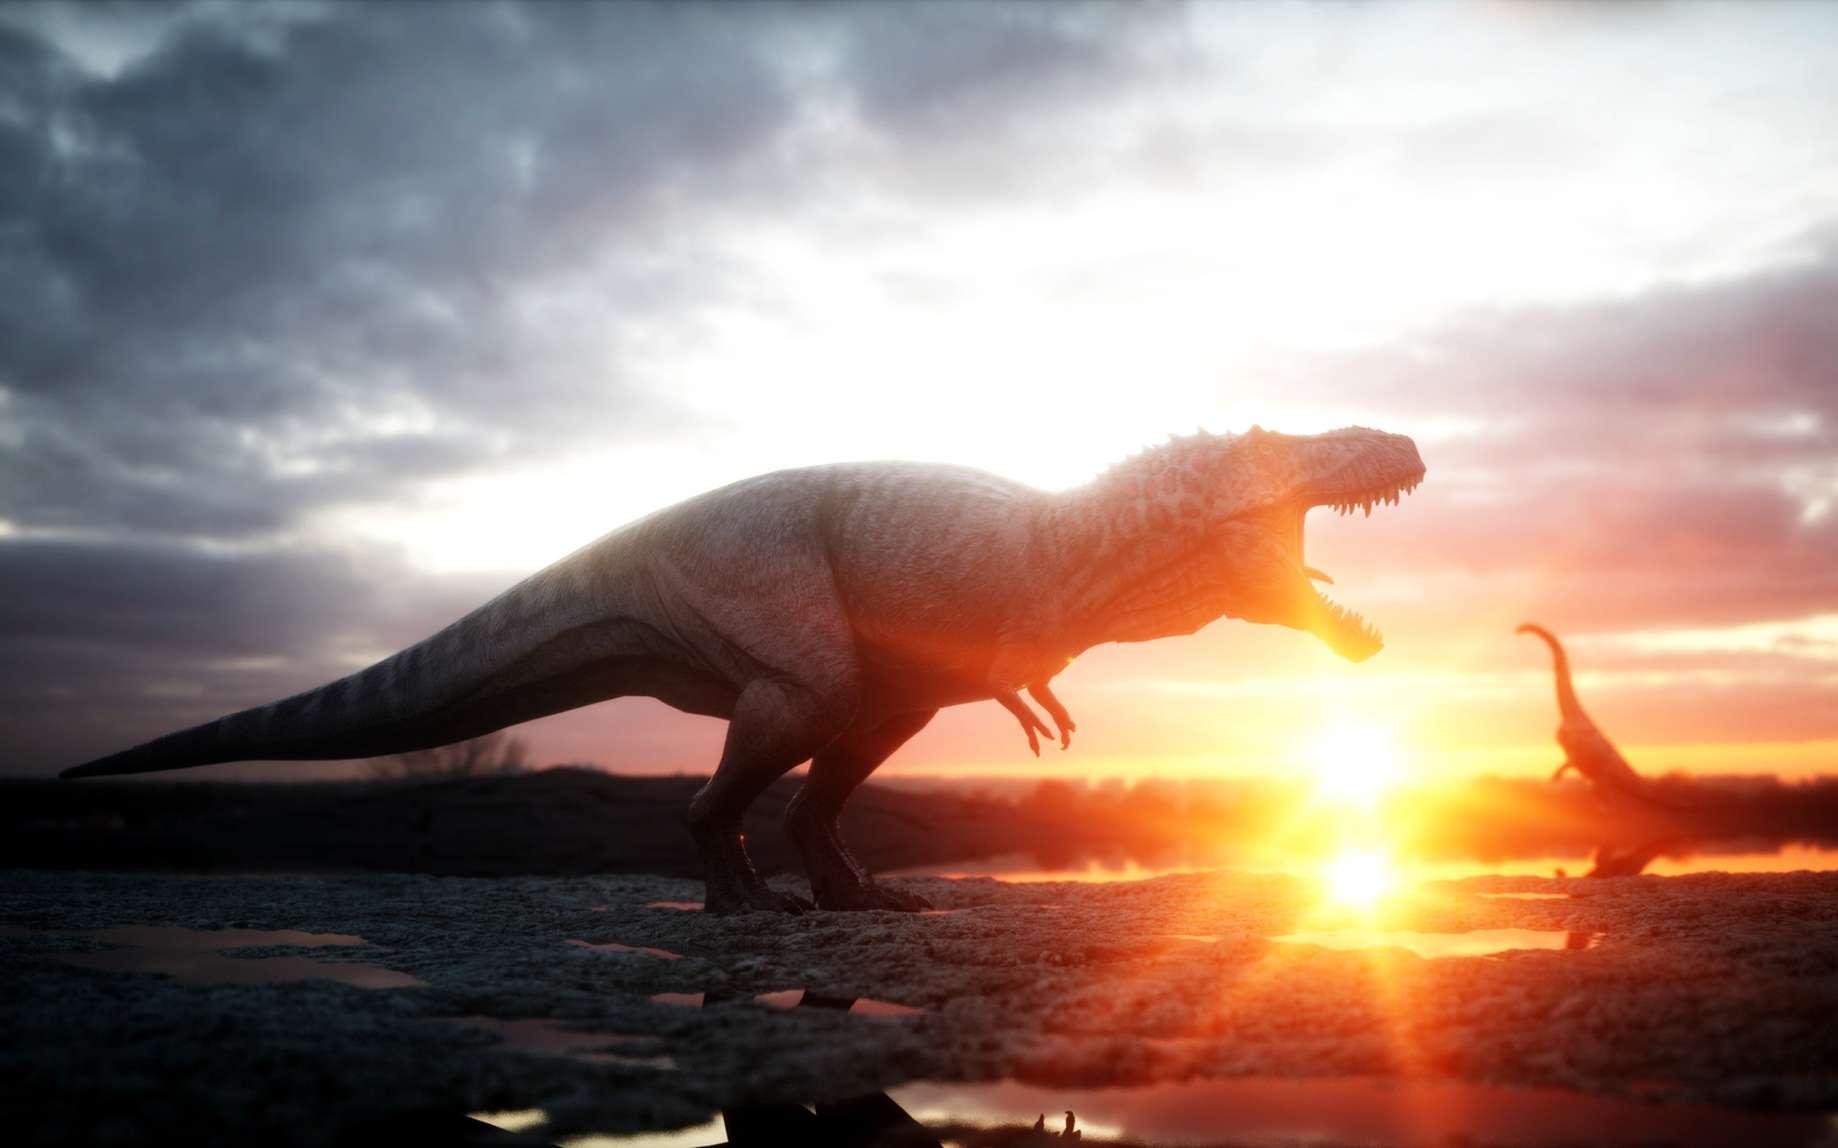 Suite à d'importantes éruptions volcaniques, les dinosaures ont pris leur essor. © chagpg, fotolia